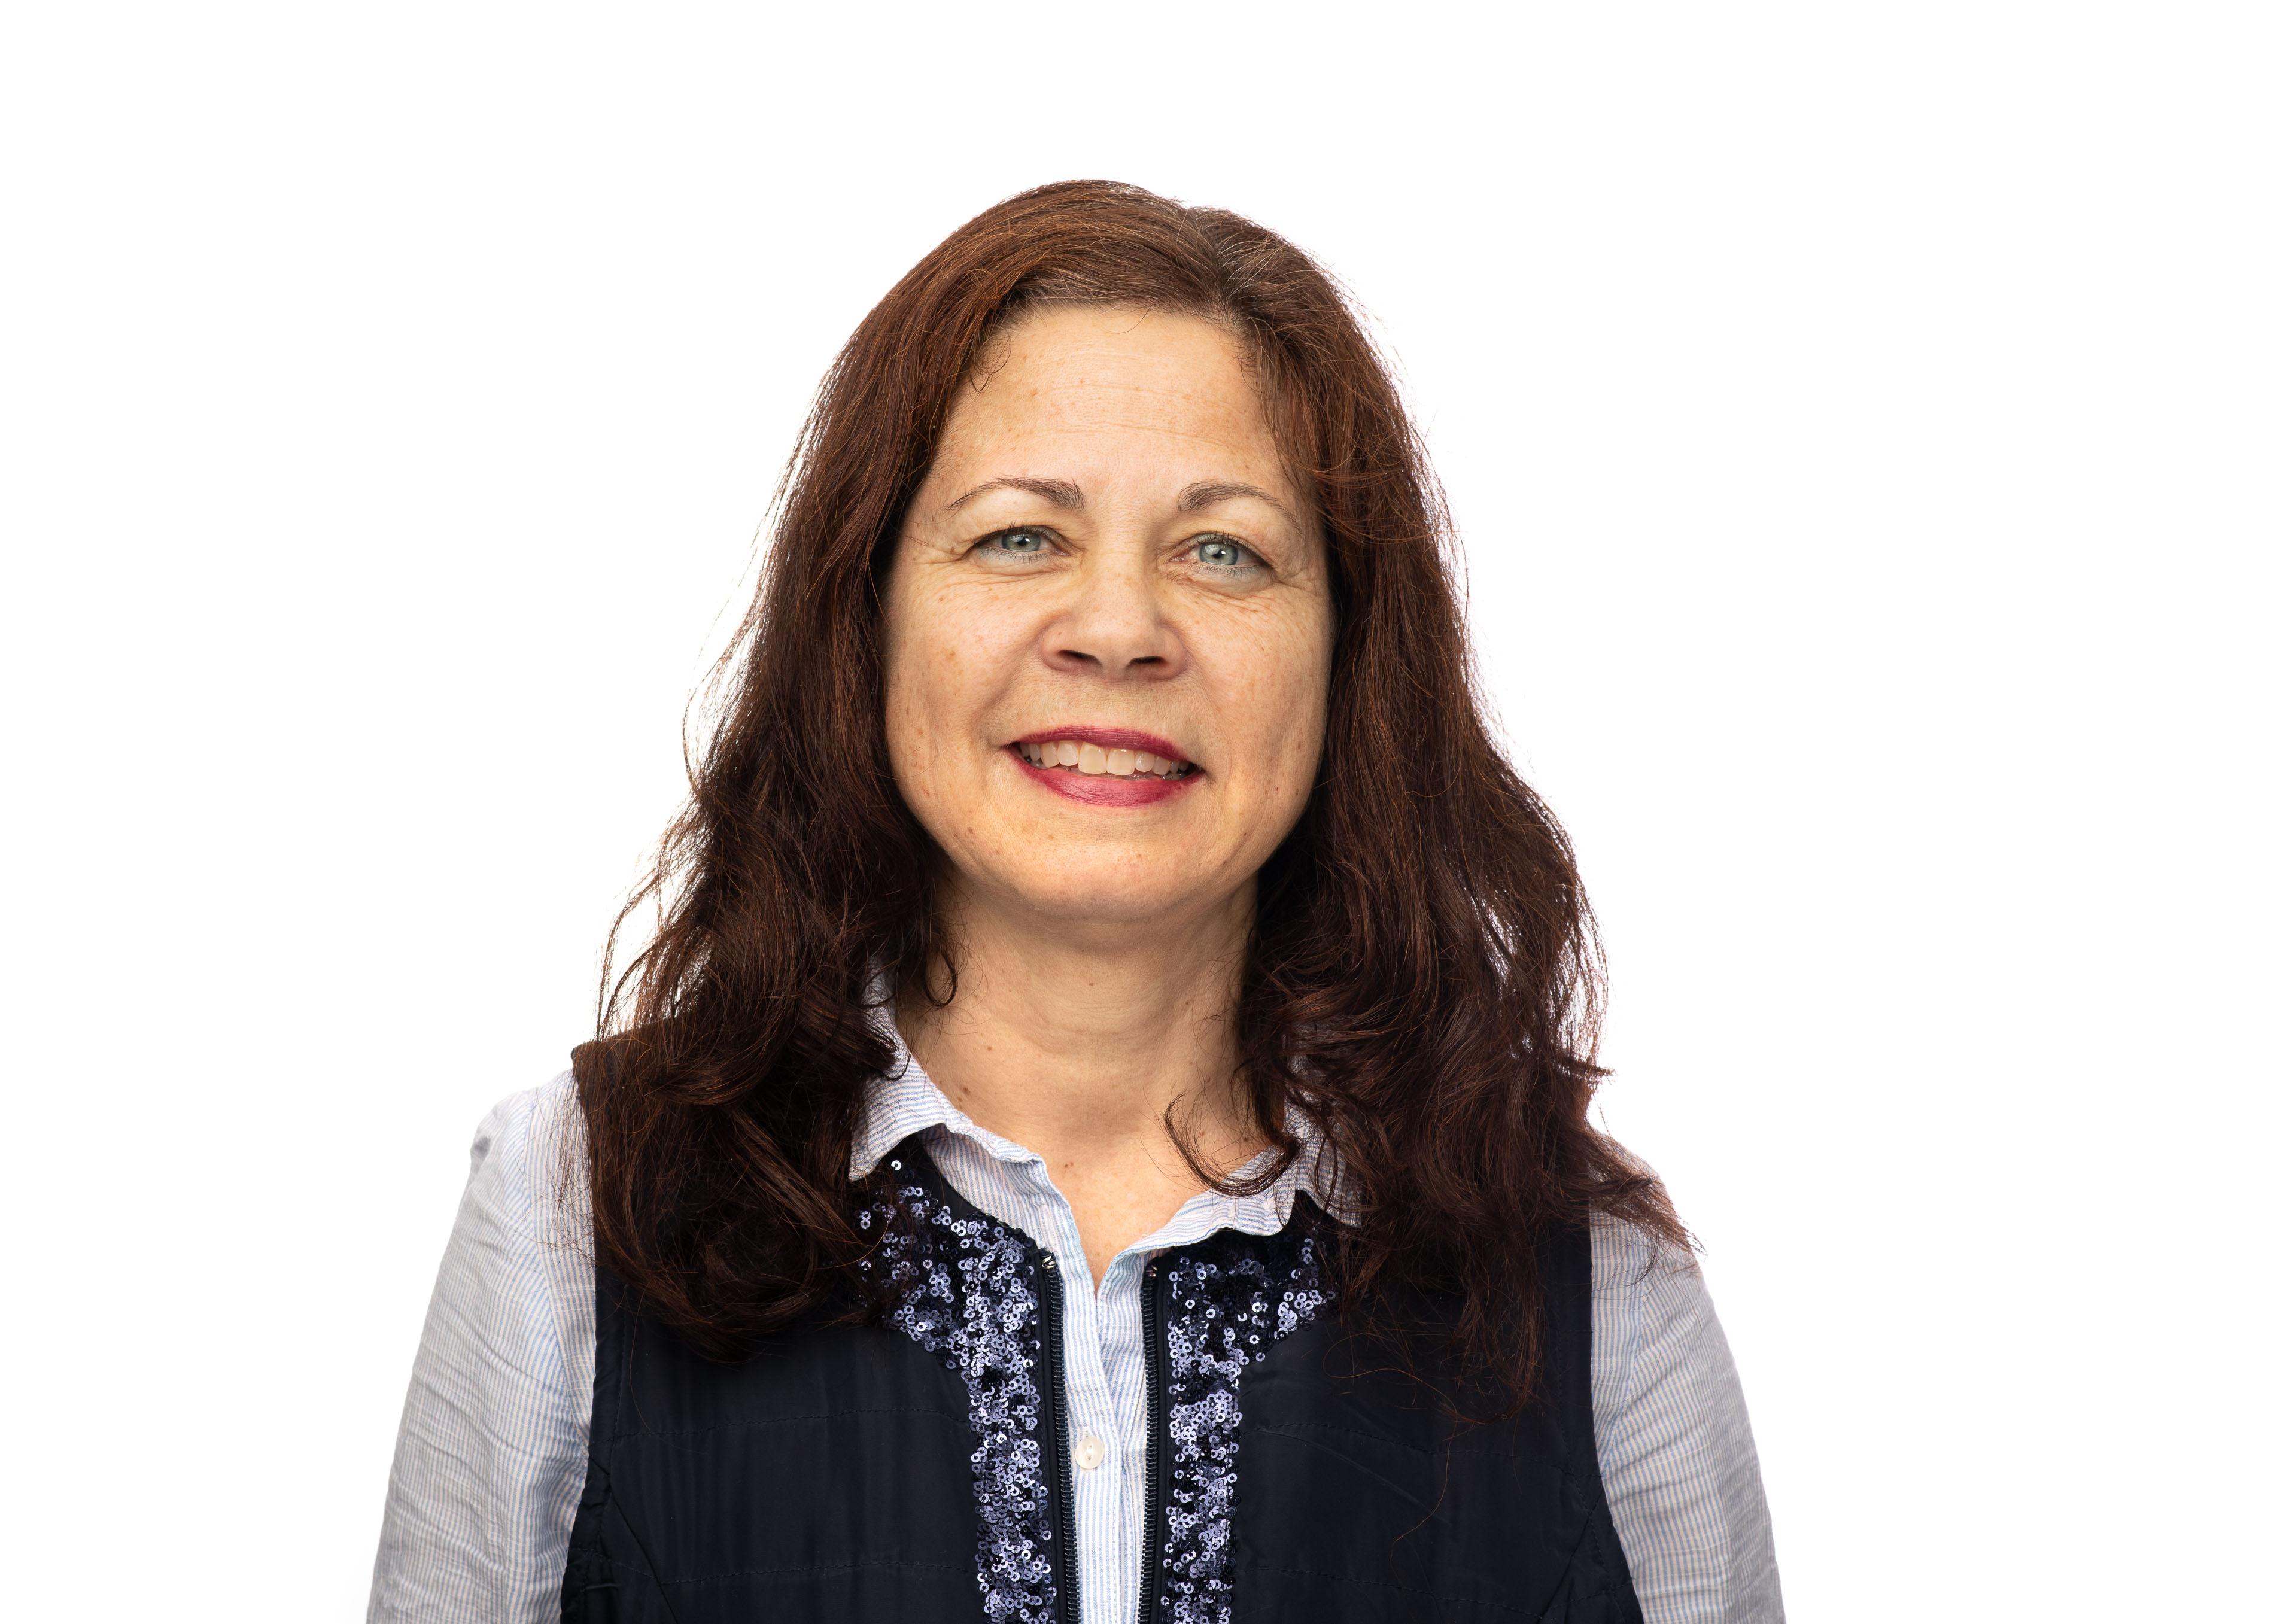 Mimi Magnusson